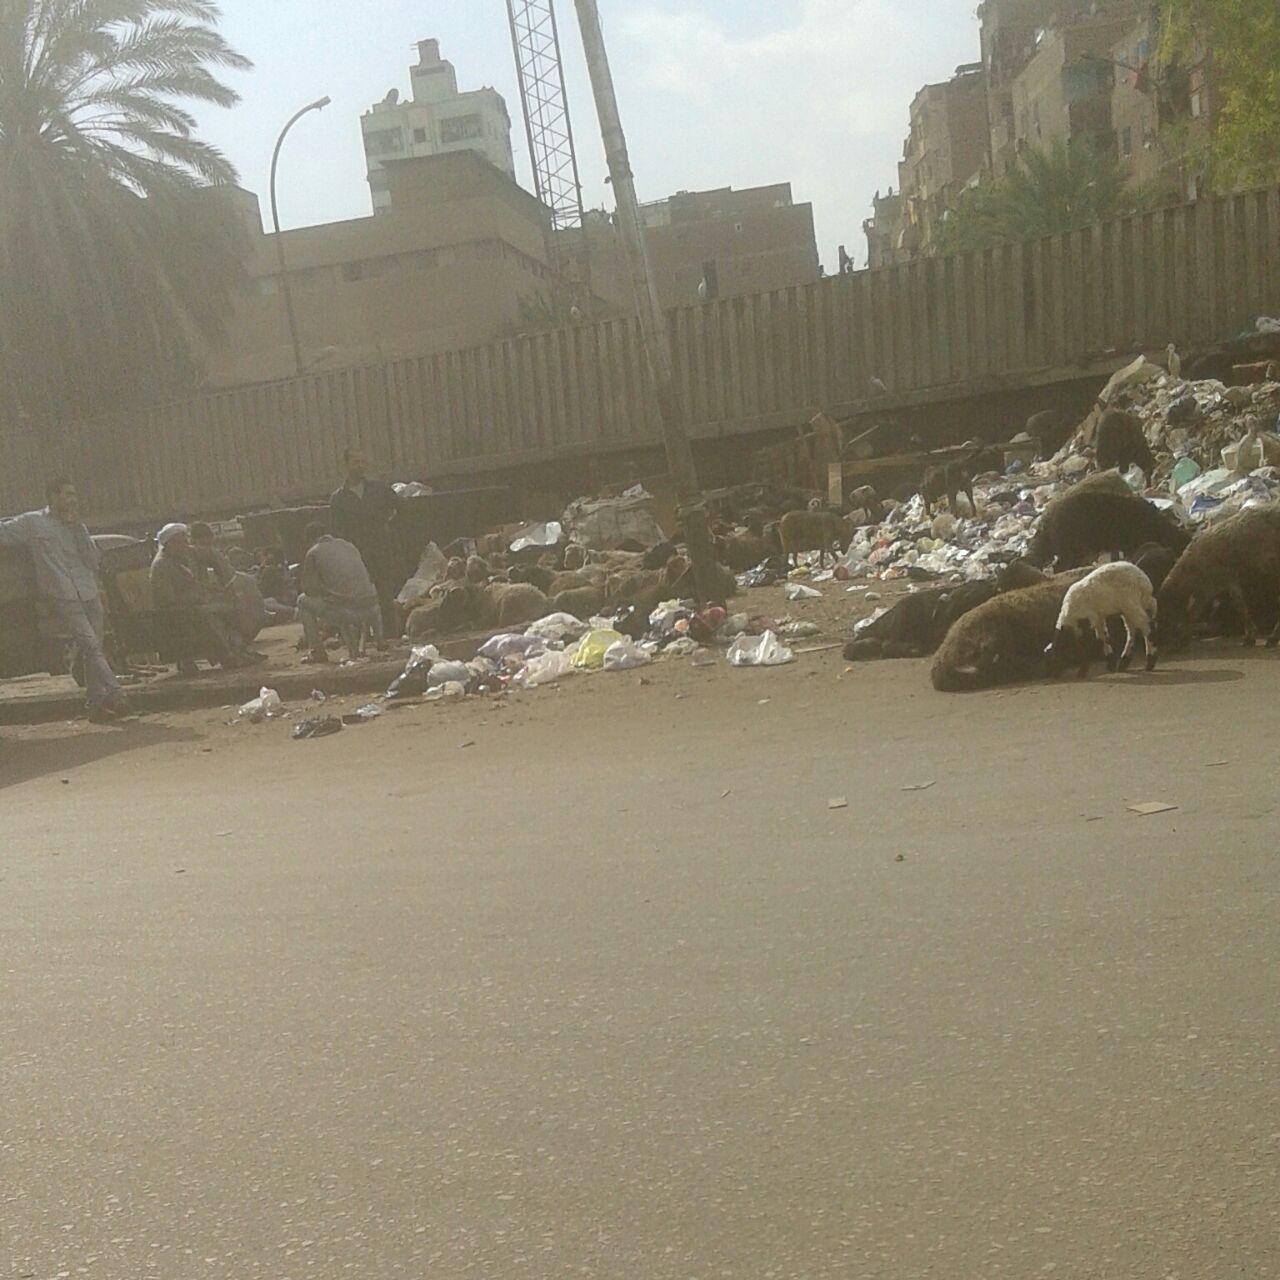 نتشار الكلاب الضالة بسبب تراكم القمامة فى شوارع المطرية  (1)